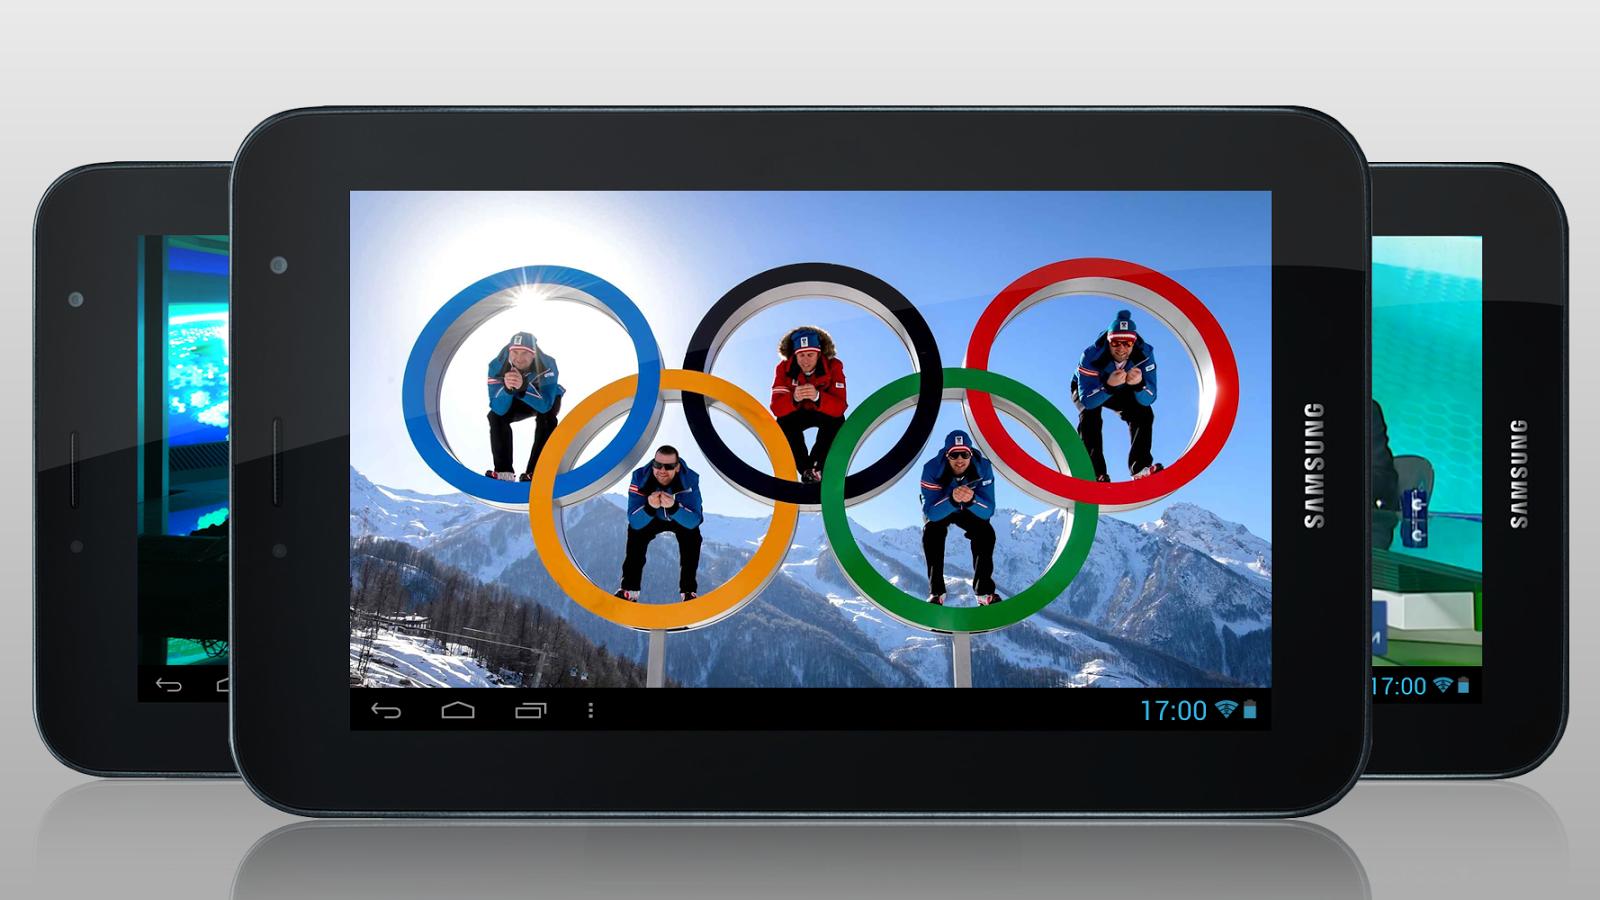 Телеканал НТВ для Android  Скачать бесплатно  программы